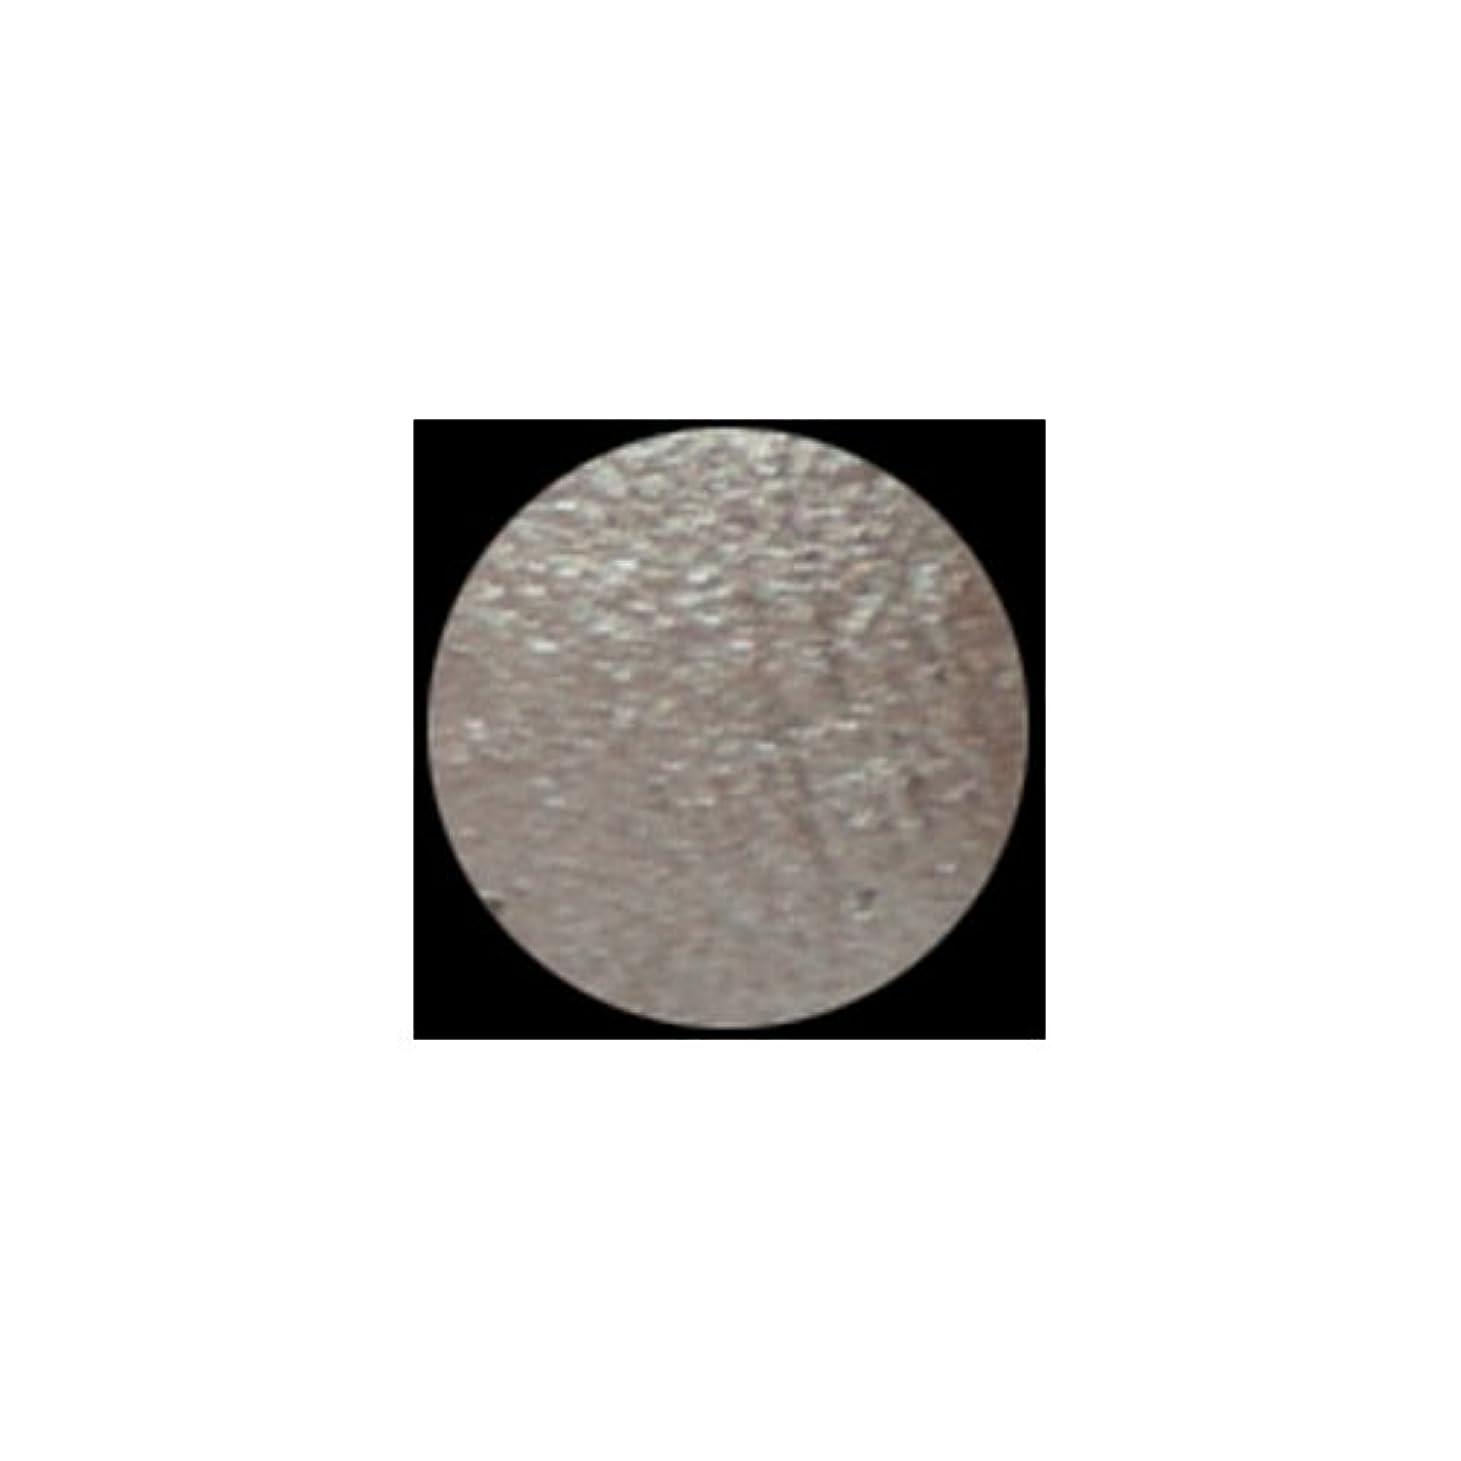 促進する野球ルーフ(6 Pack) KLEANCOLOR American Eyedol (Wet/Dry Baked Eyeshadow) - Toffee (並行輸入品)